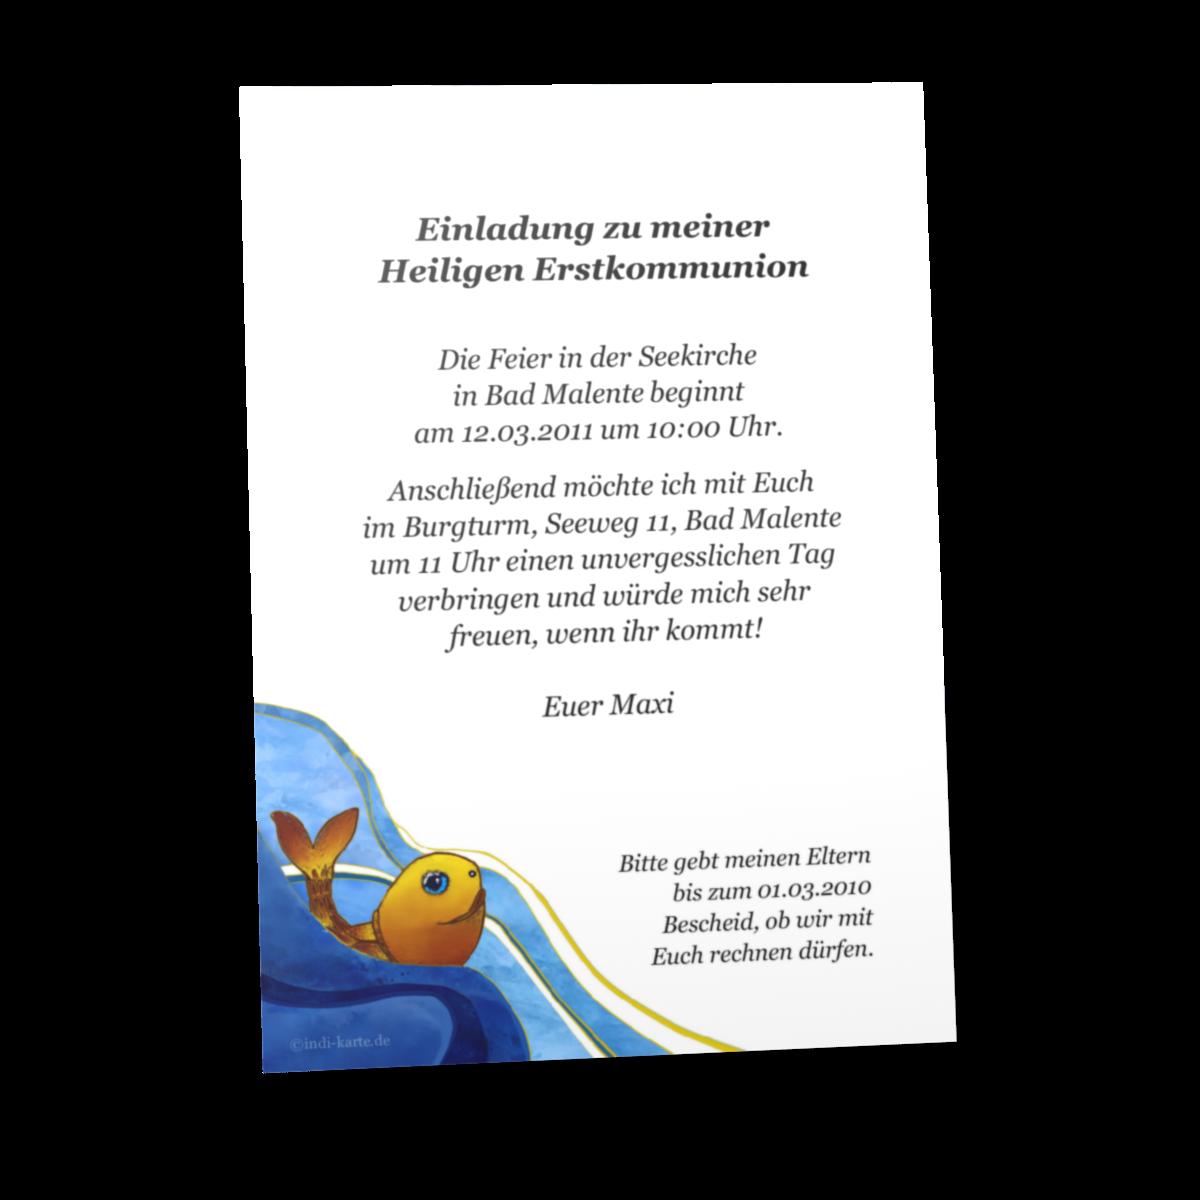 Kommunion Einladungskarten | Kommunion Einladung Karten Muster, Einladungs